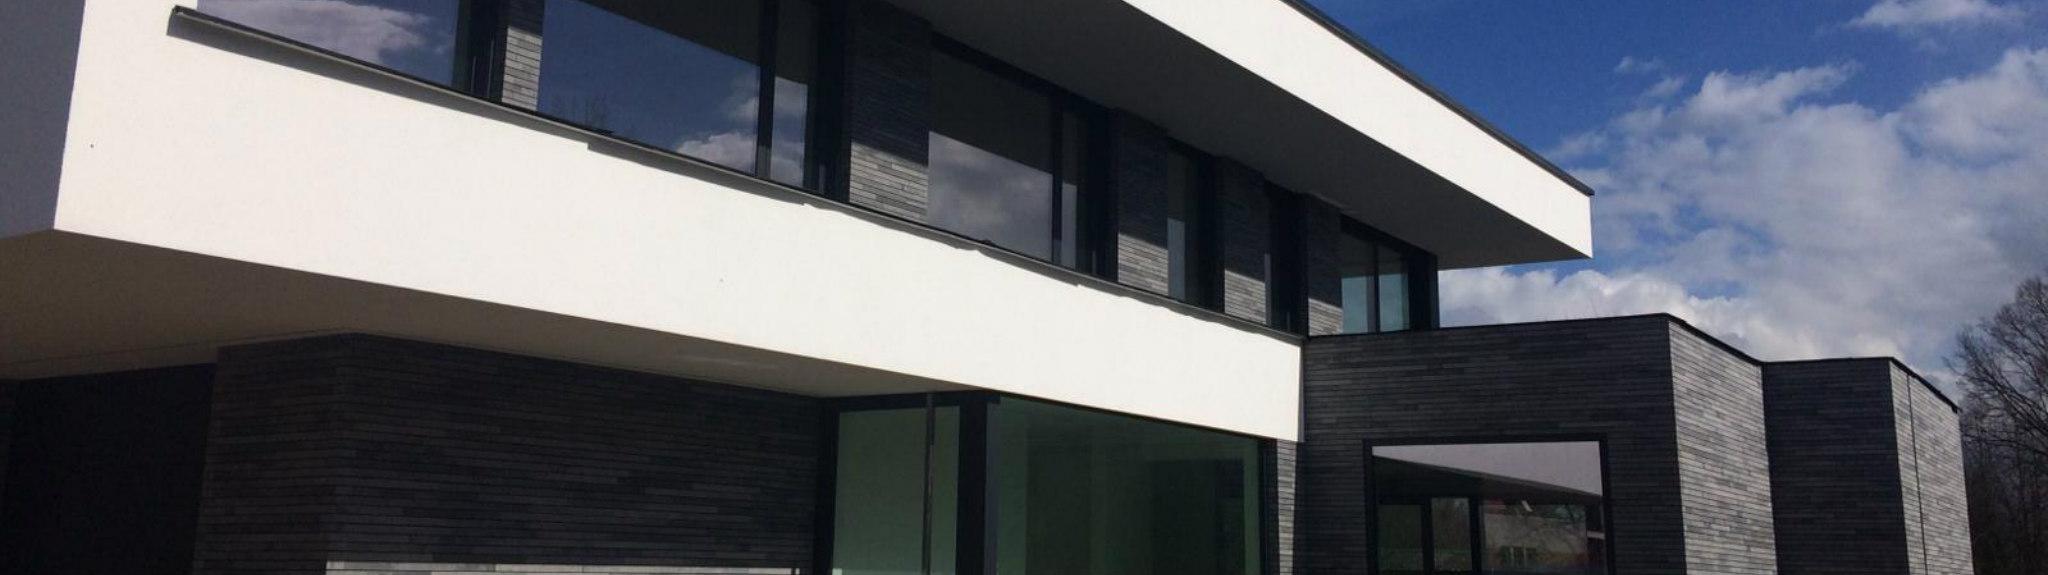 Aalst ramen en deuren